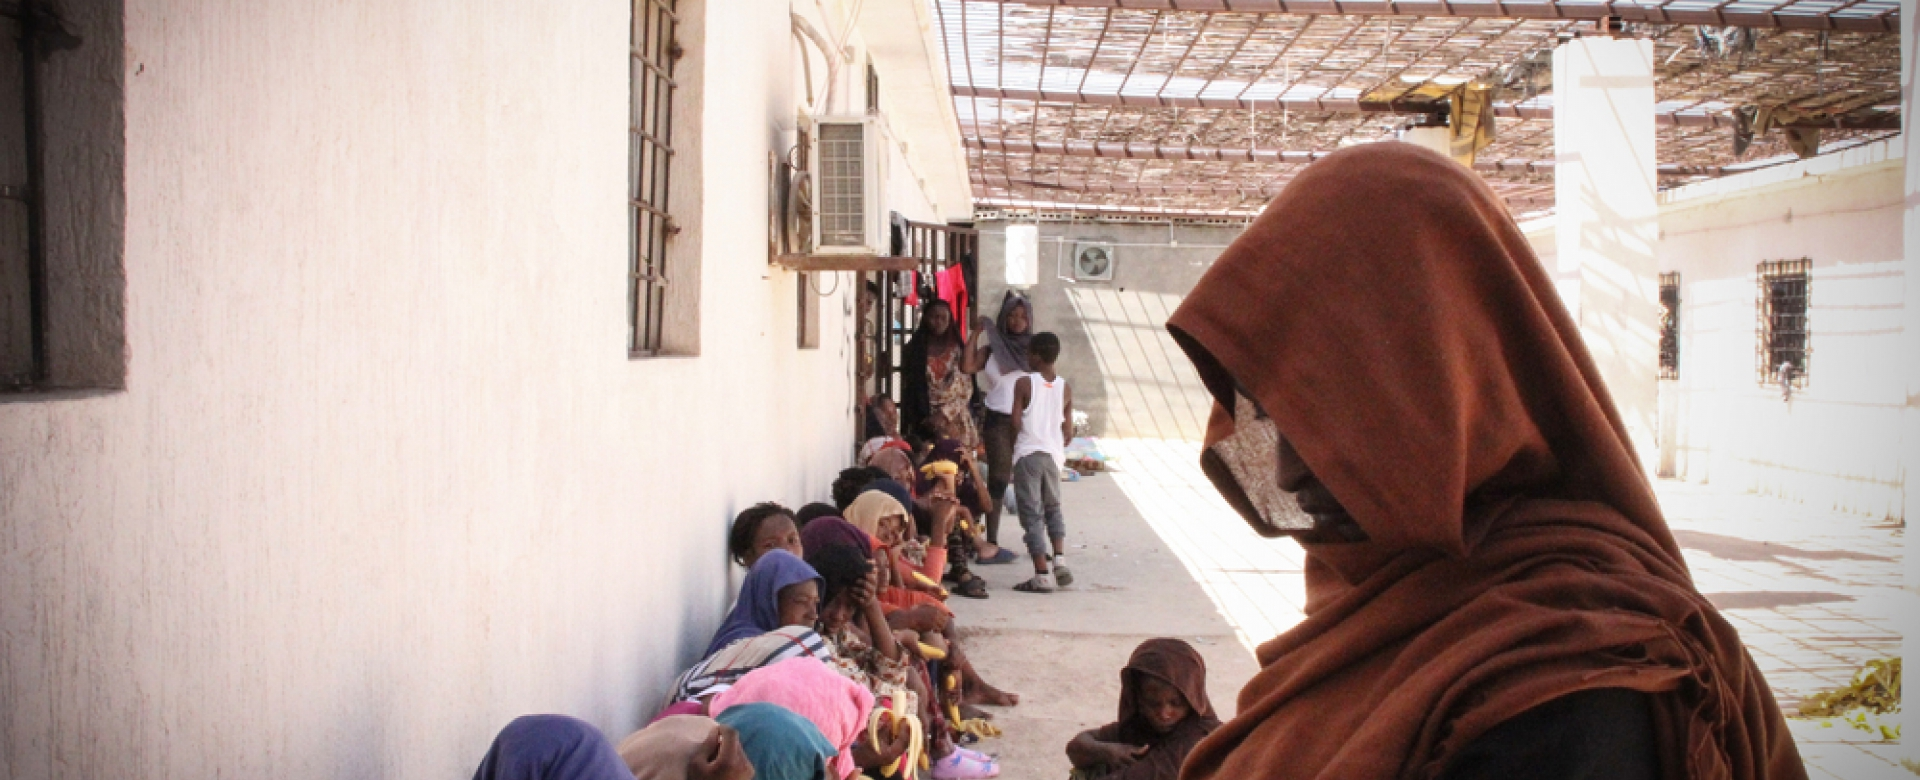 Des femmes et des enfants dans un centre de détention en Libye